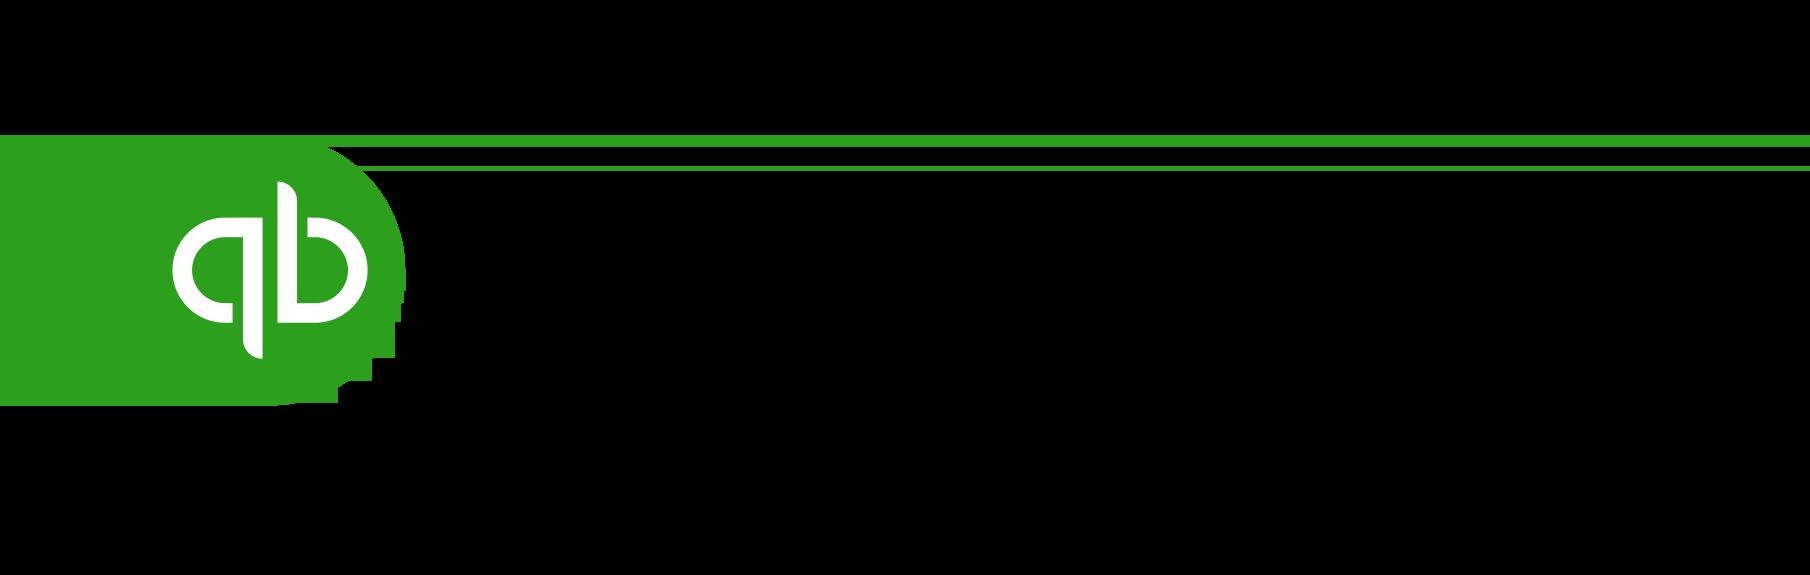 Intuit Quicbooks Logo